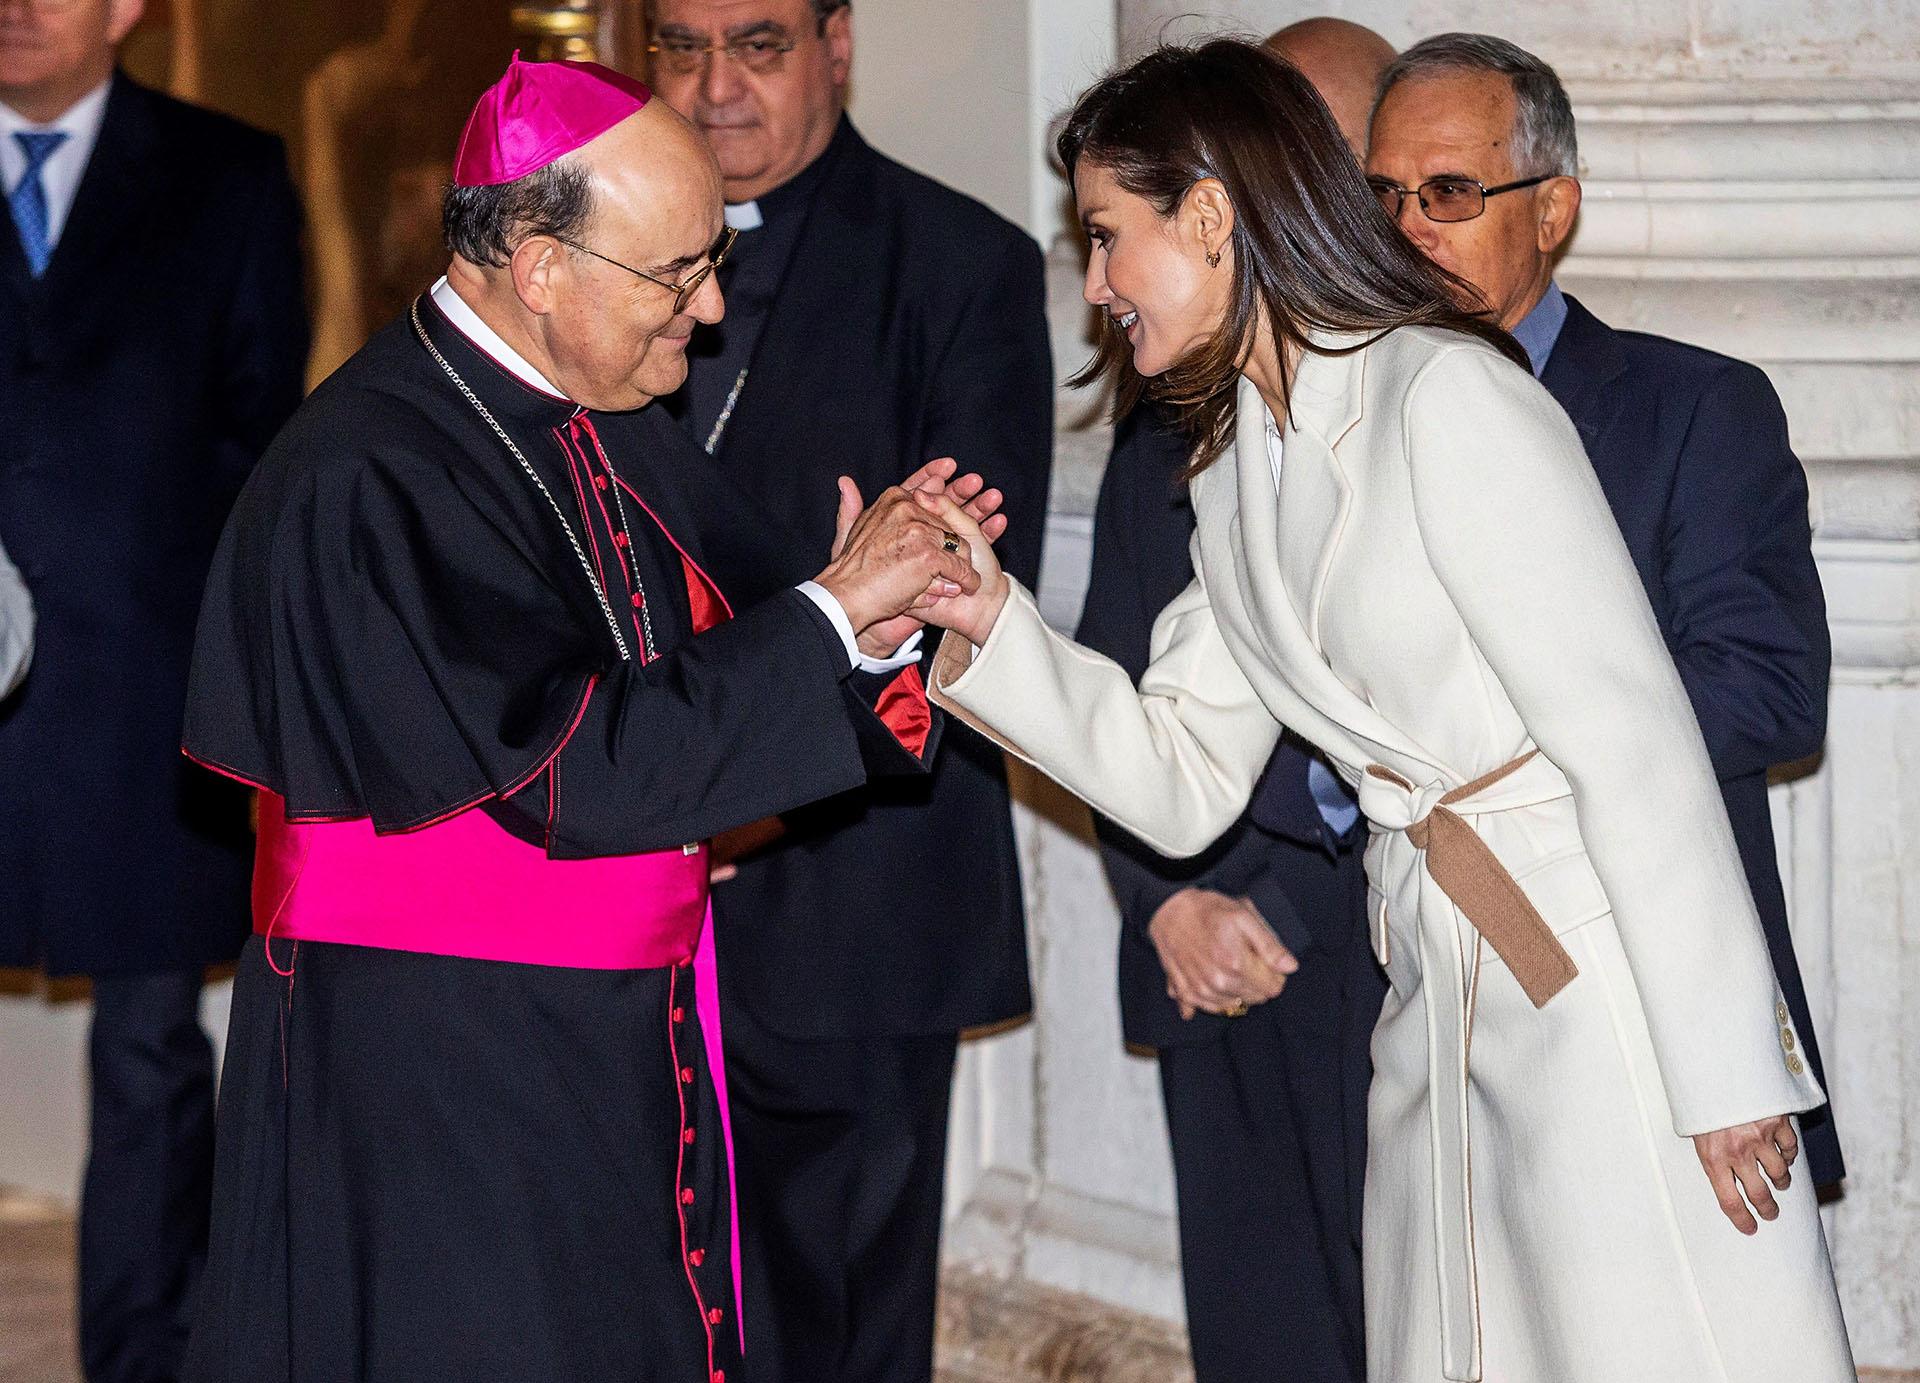 La monarca conoció las obras que se exhiben en dos de las tres sedes que acogen la exposición, la iglesia de San Pedro y el monasterio de la Ascensión